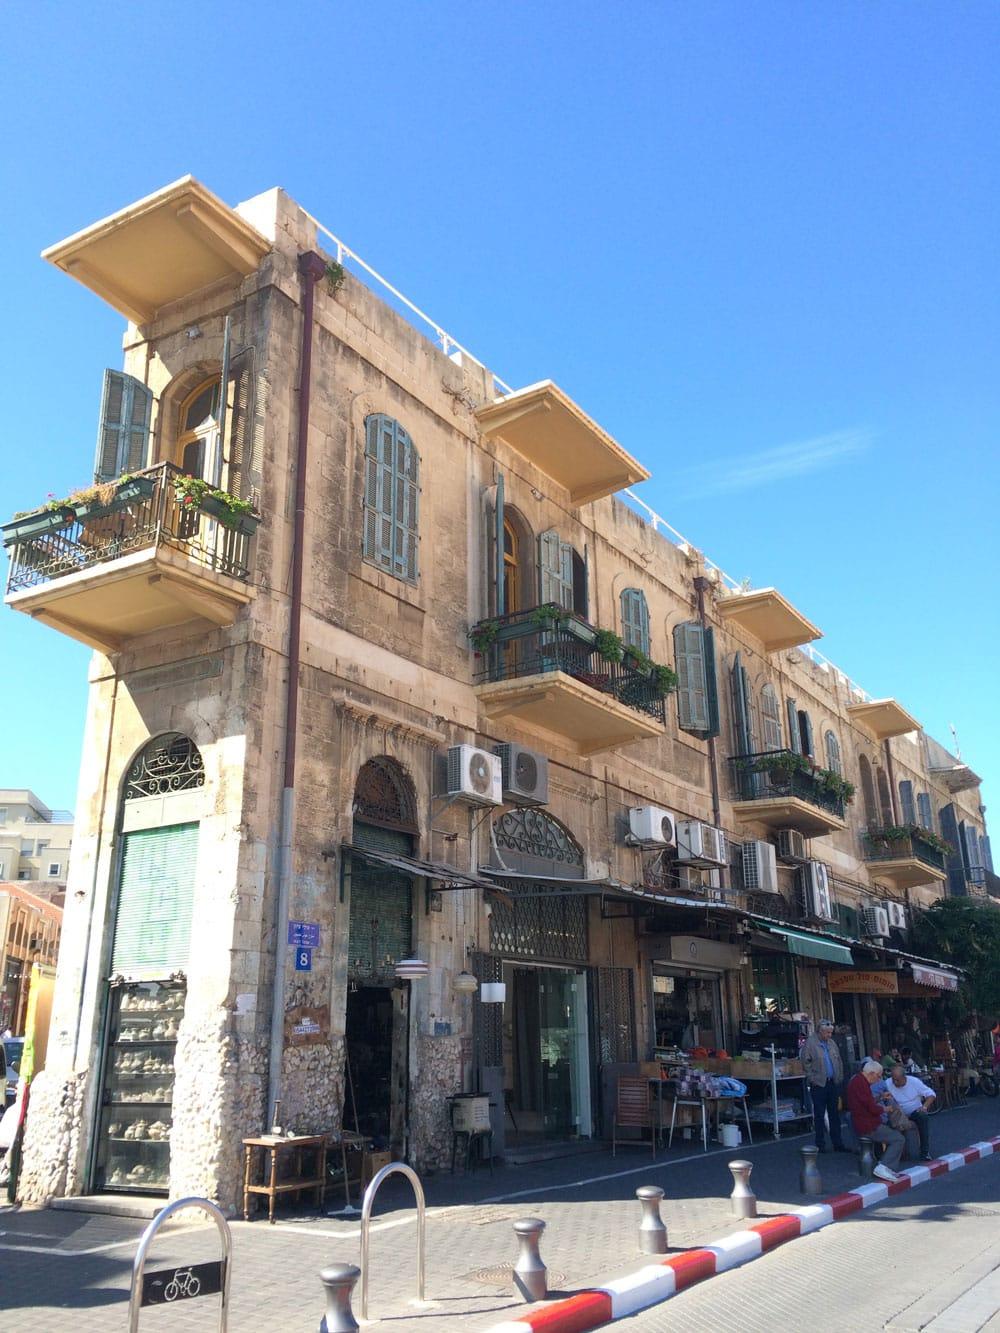 unvergessliche Reise durch Israel in der Altstadt von Tel Aviv ©looping-magazin